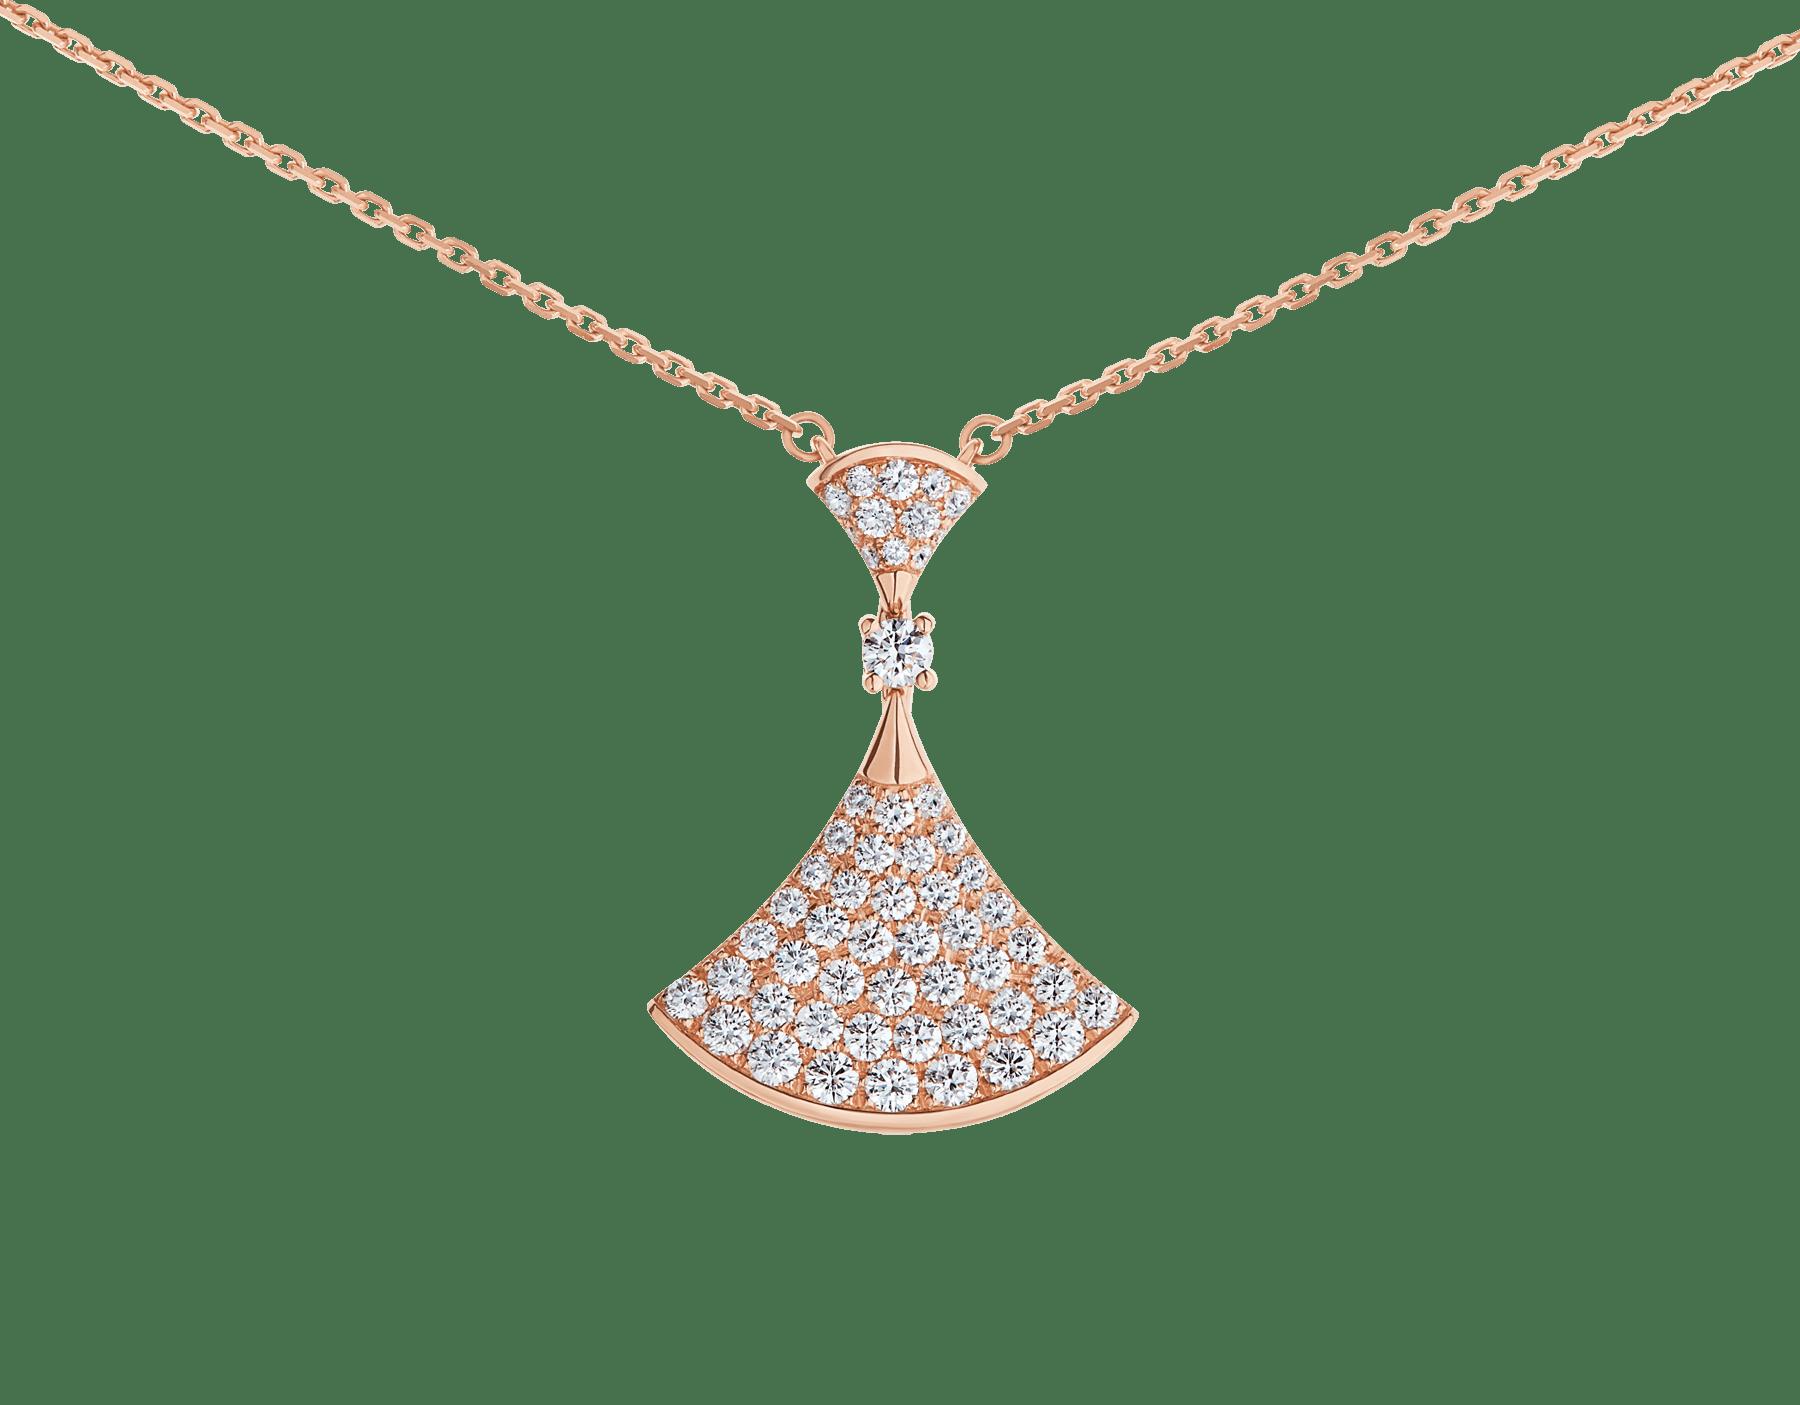 DIVAS' DREAM 18 kt rose gold pendant necklace set with a round brilliant-cut diamond (0.10 ct) and pavé diamonds (0.83 ct) 358121 image 3